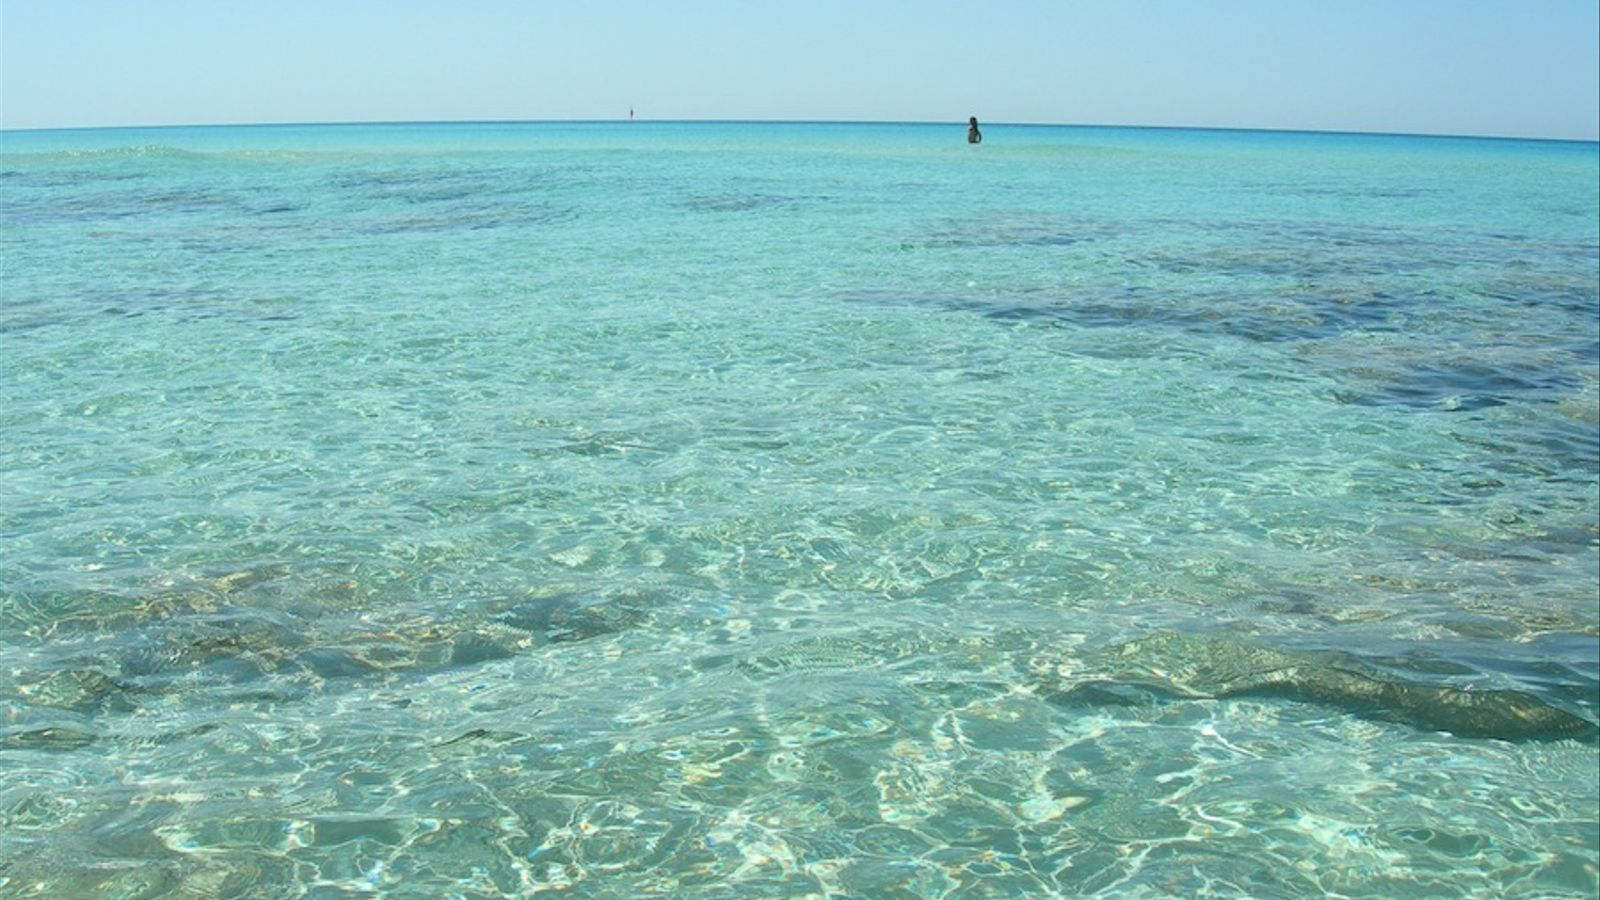 Una platja mediterrània, amb l'aigua transparent